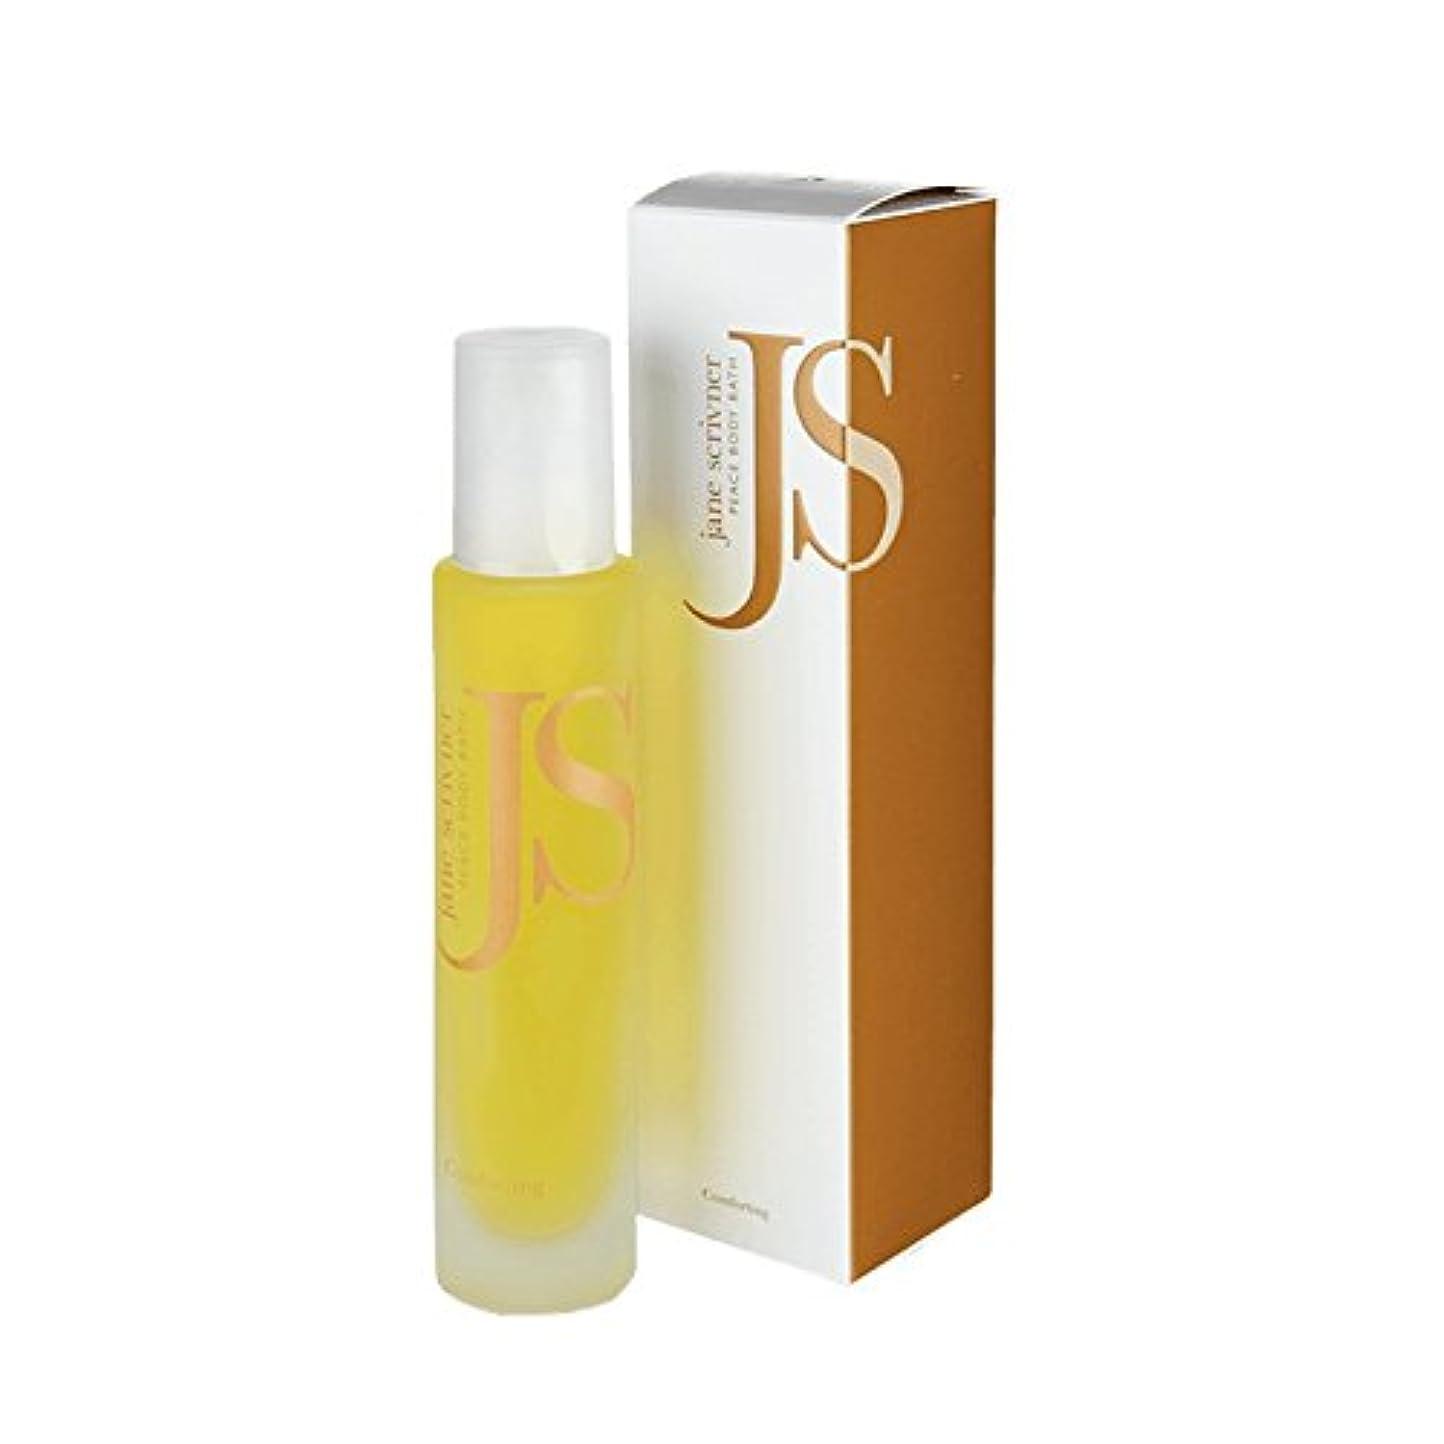 先駆者司法許可ジェーンScrivnerボディバスオイル平和100ミリリットル - Jane Scrivner Body Bath Oil Peace 100ml (Jane Scrivner) [並行輸入品]